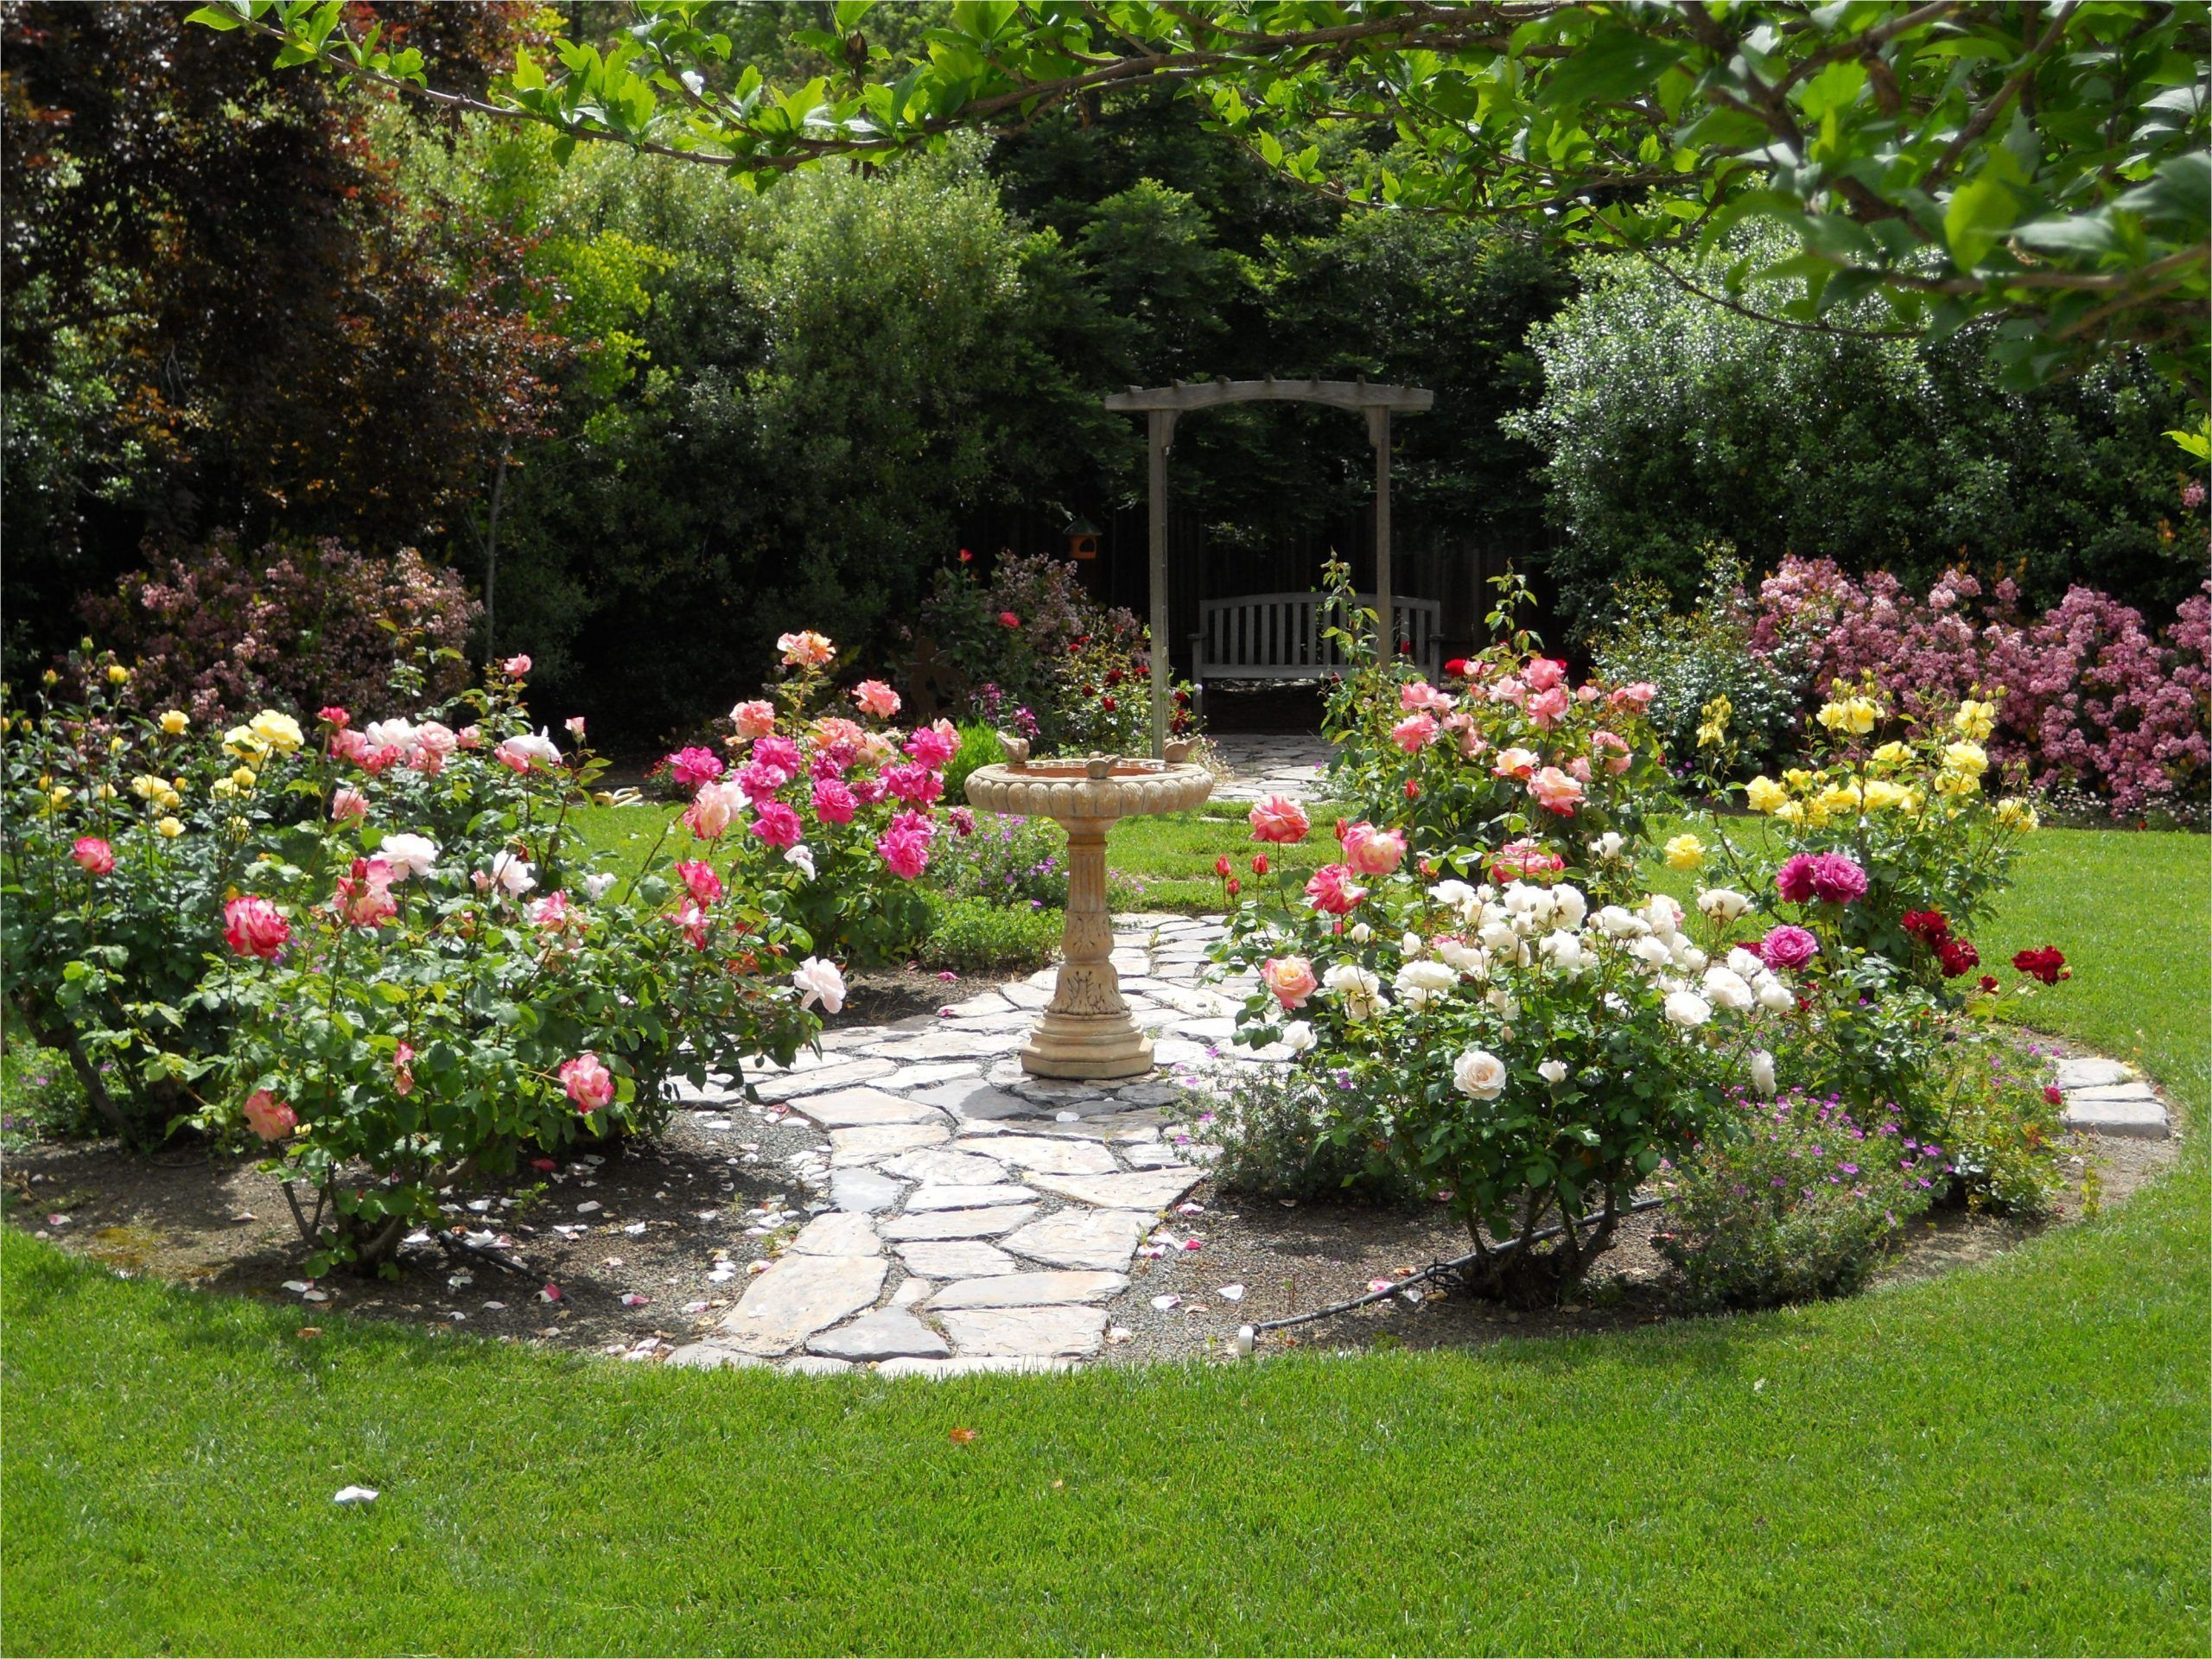 Simple Design Ideas Rose Garden Plans Flowers Ideal Small Memorial Xu9093 Flow Backyard Planning